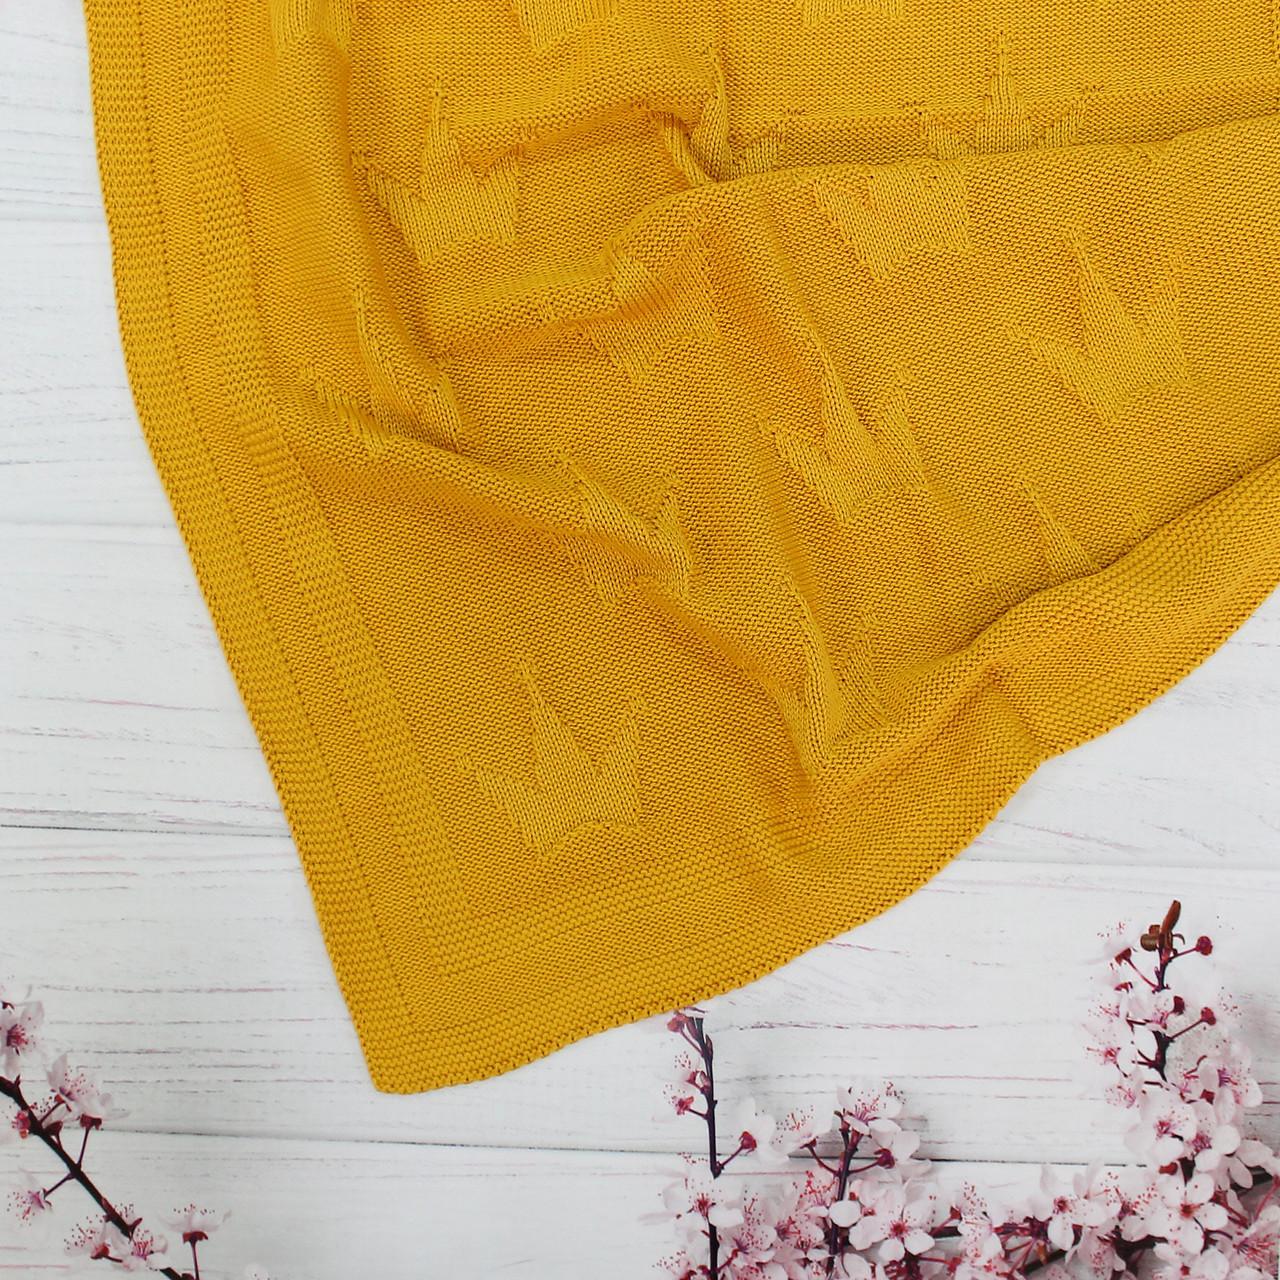 Плед вязанный короны цвет горчичный 95*75 см (90% хлопок, 10% акрил)